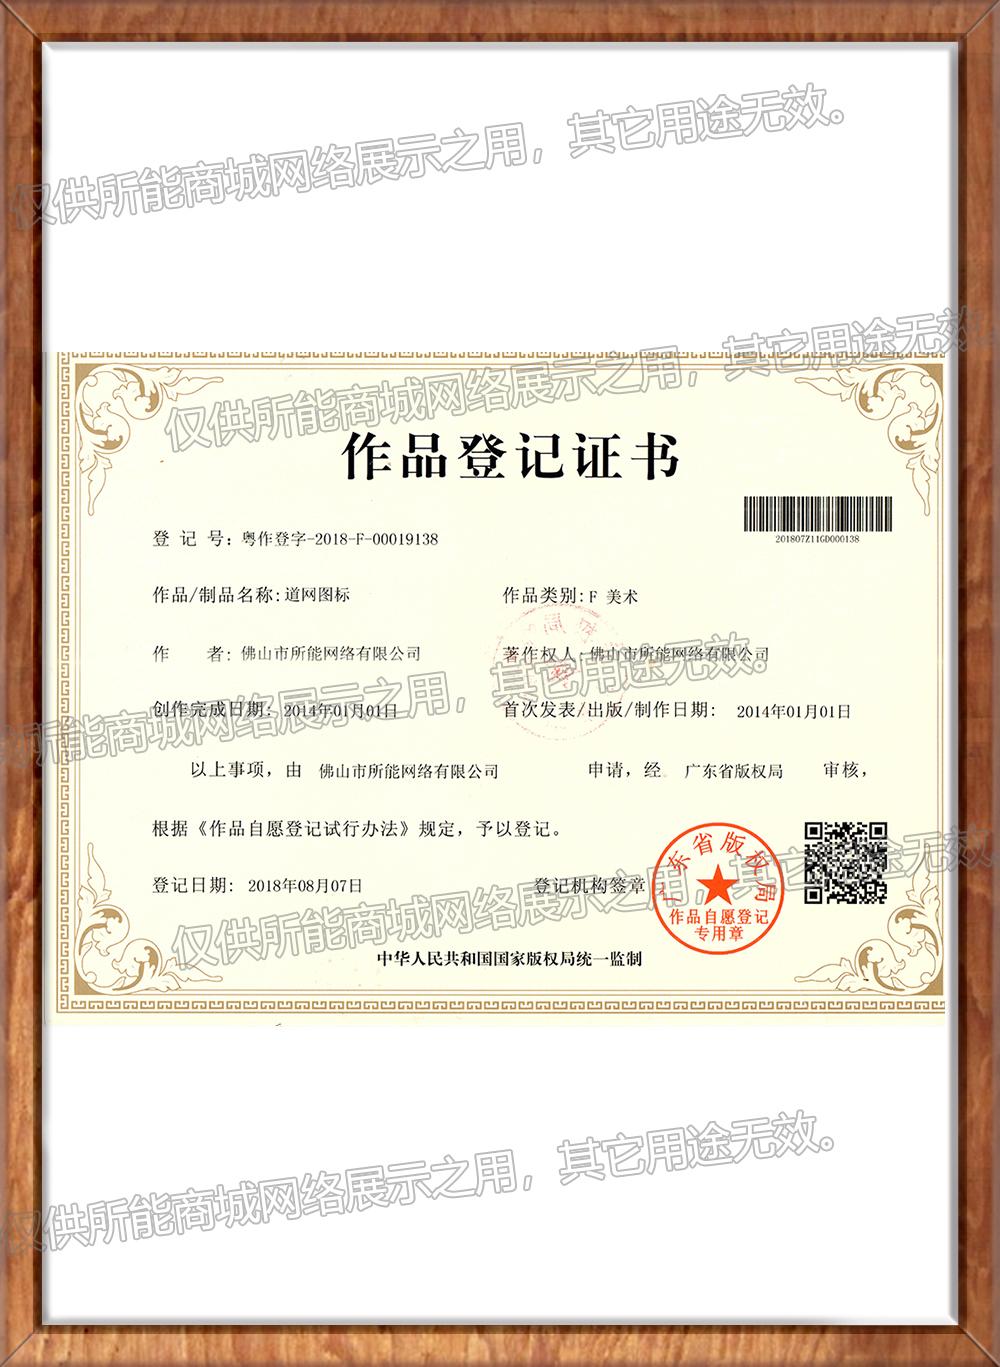 《道网图标》作品登记证书